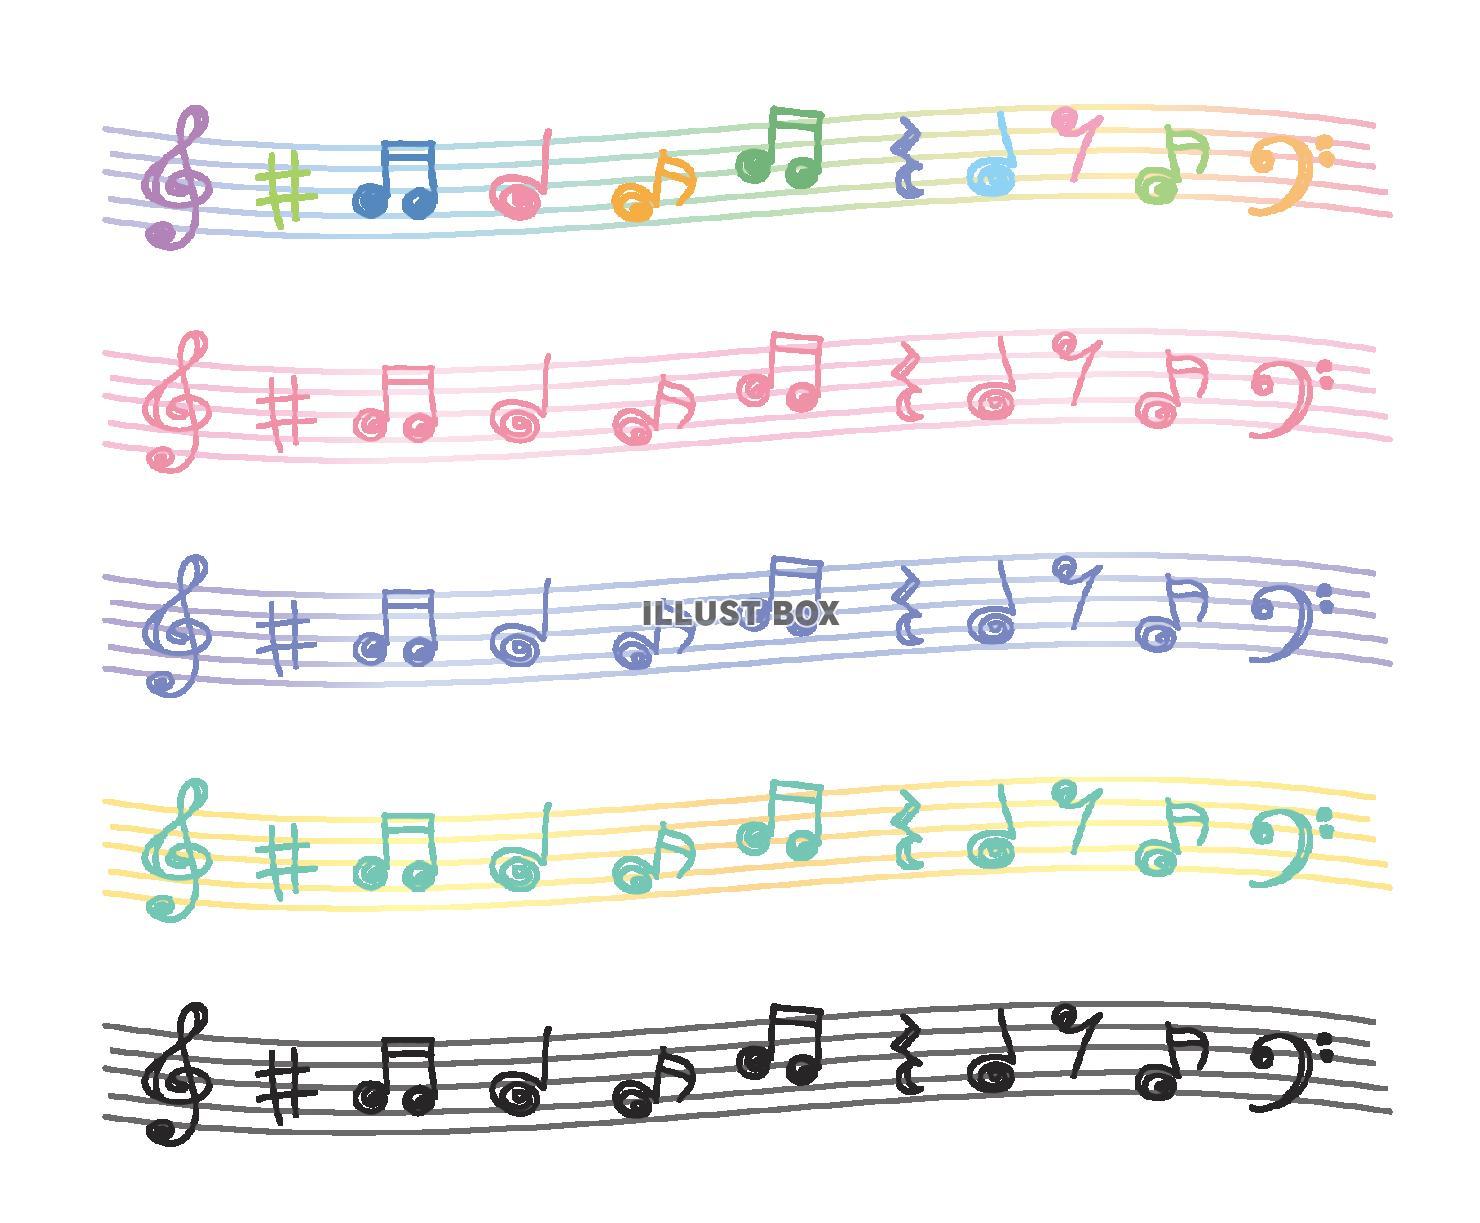 無料イラスト 音符のライン